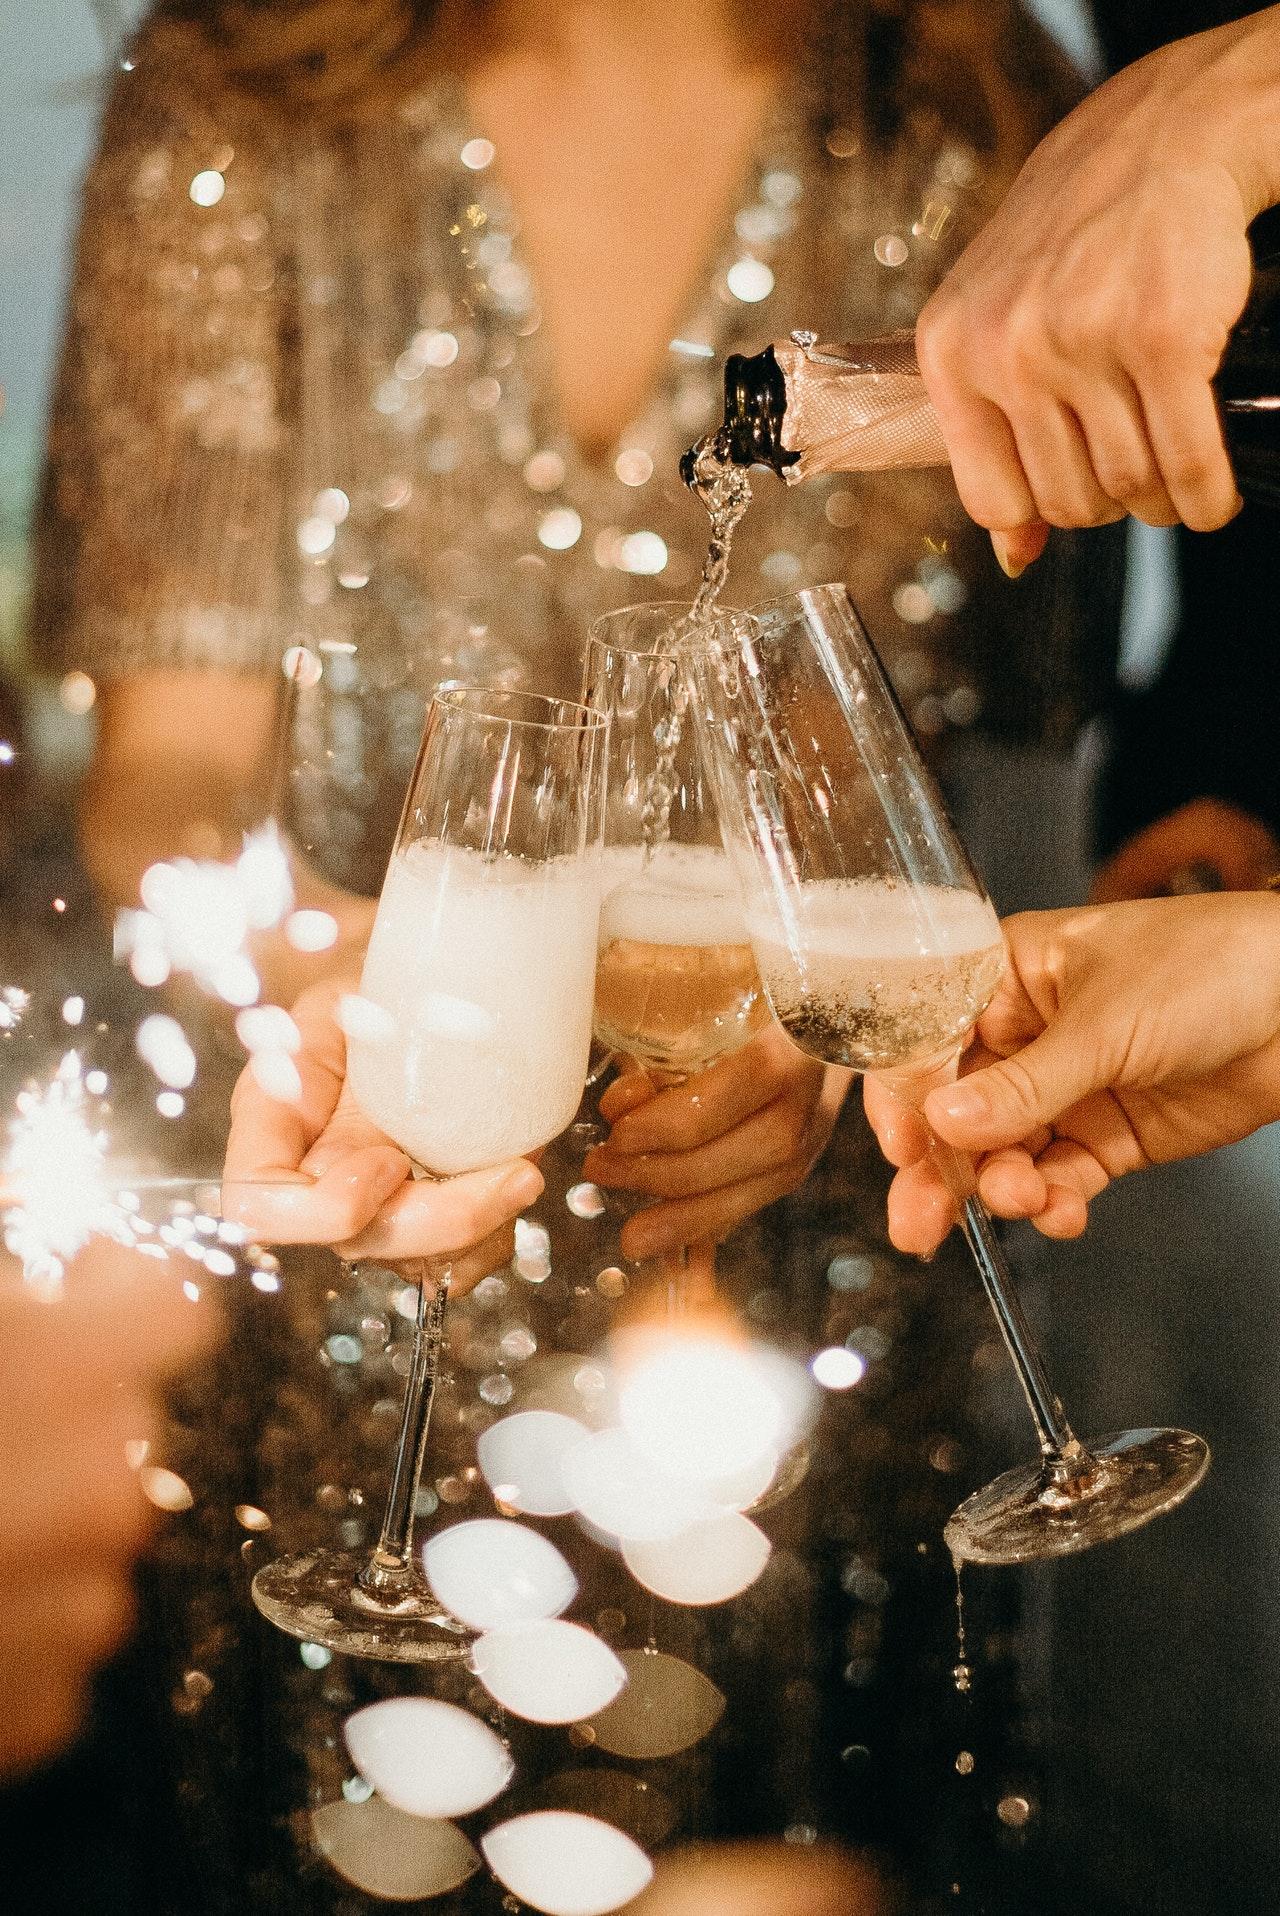 Ein Glas Champagner eignet sich bestens, um mit seinen Freunden auf ein besonderes Ereignis anzustoßen.